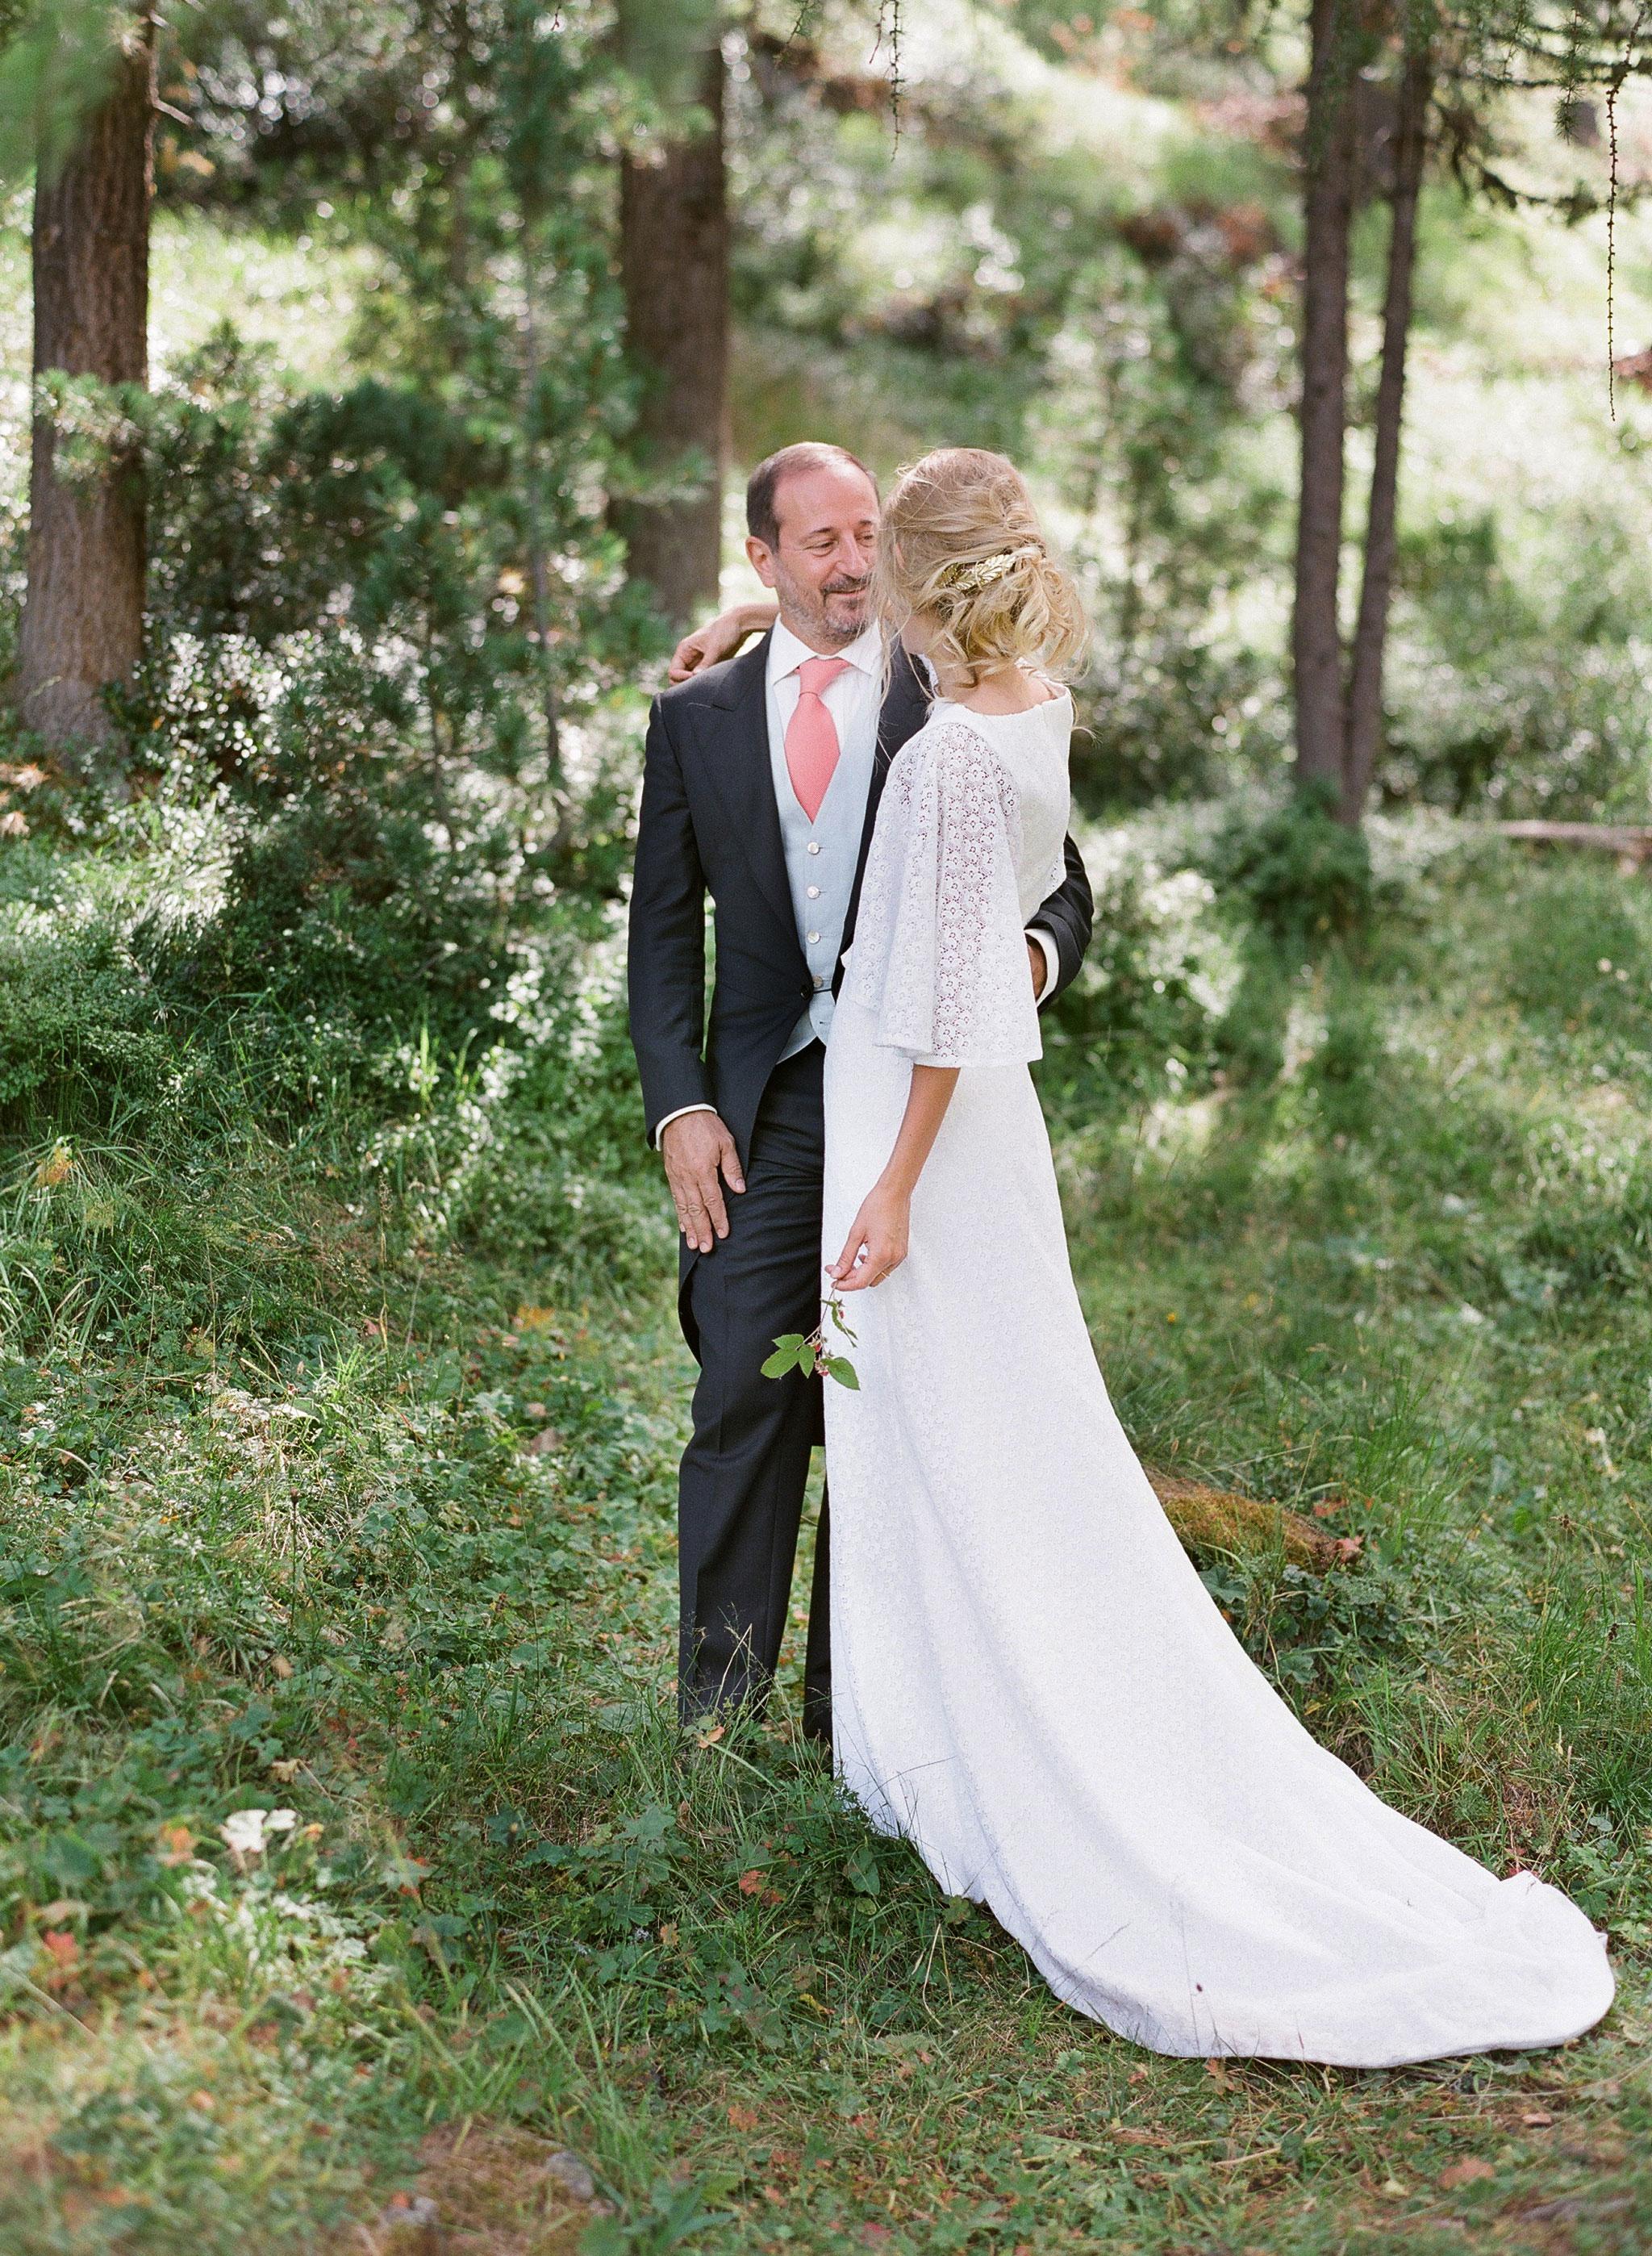 wedding_photographer_celerina_018.jpg